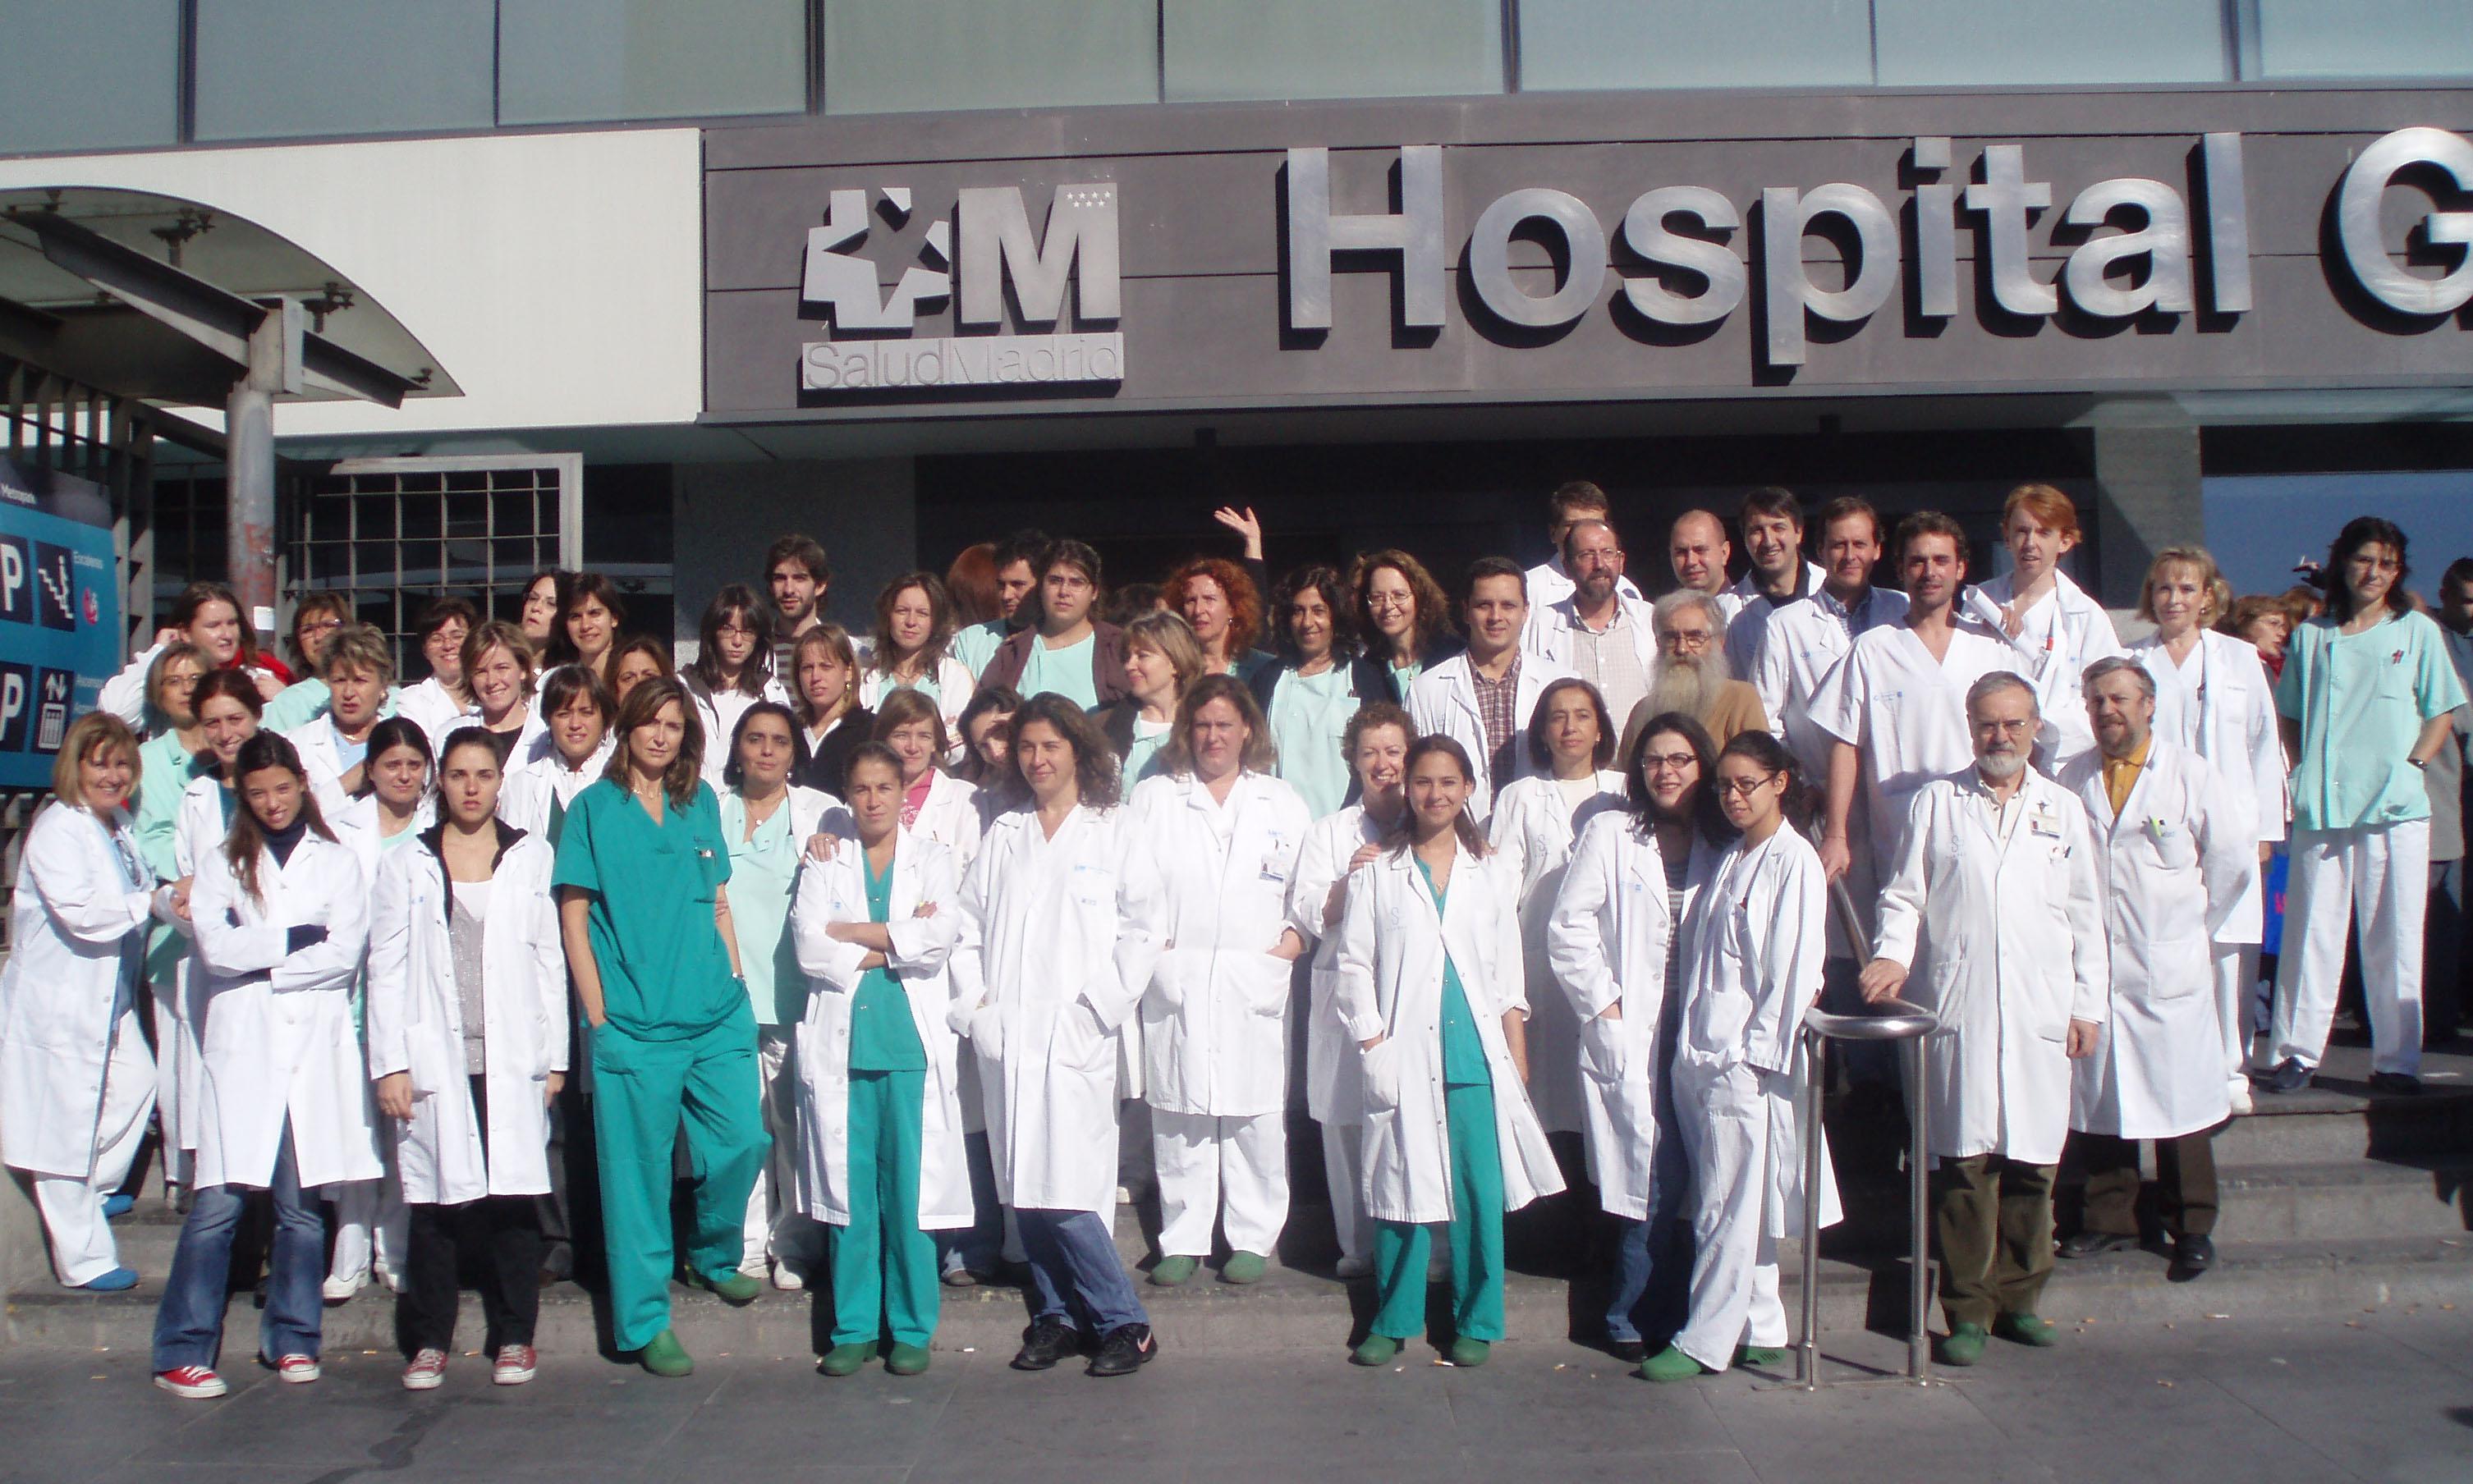 Laboratorios hospitalarios de madrid por una sanidad p blica bolet n informativo de la sanidad - Hospital de la paz como llegar ...